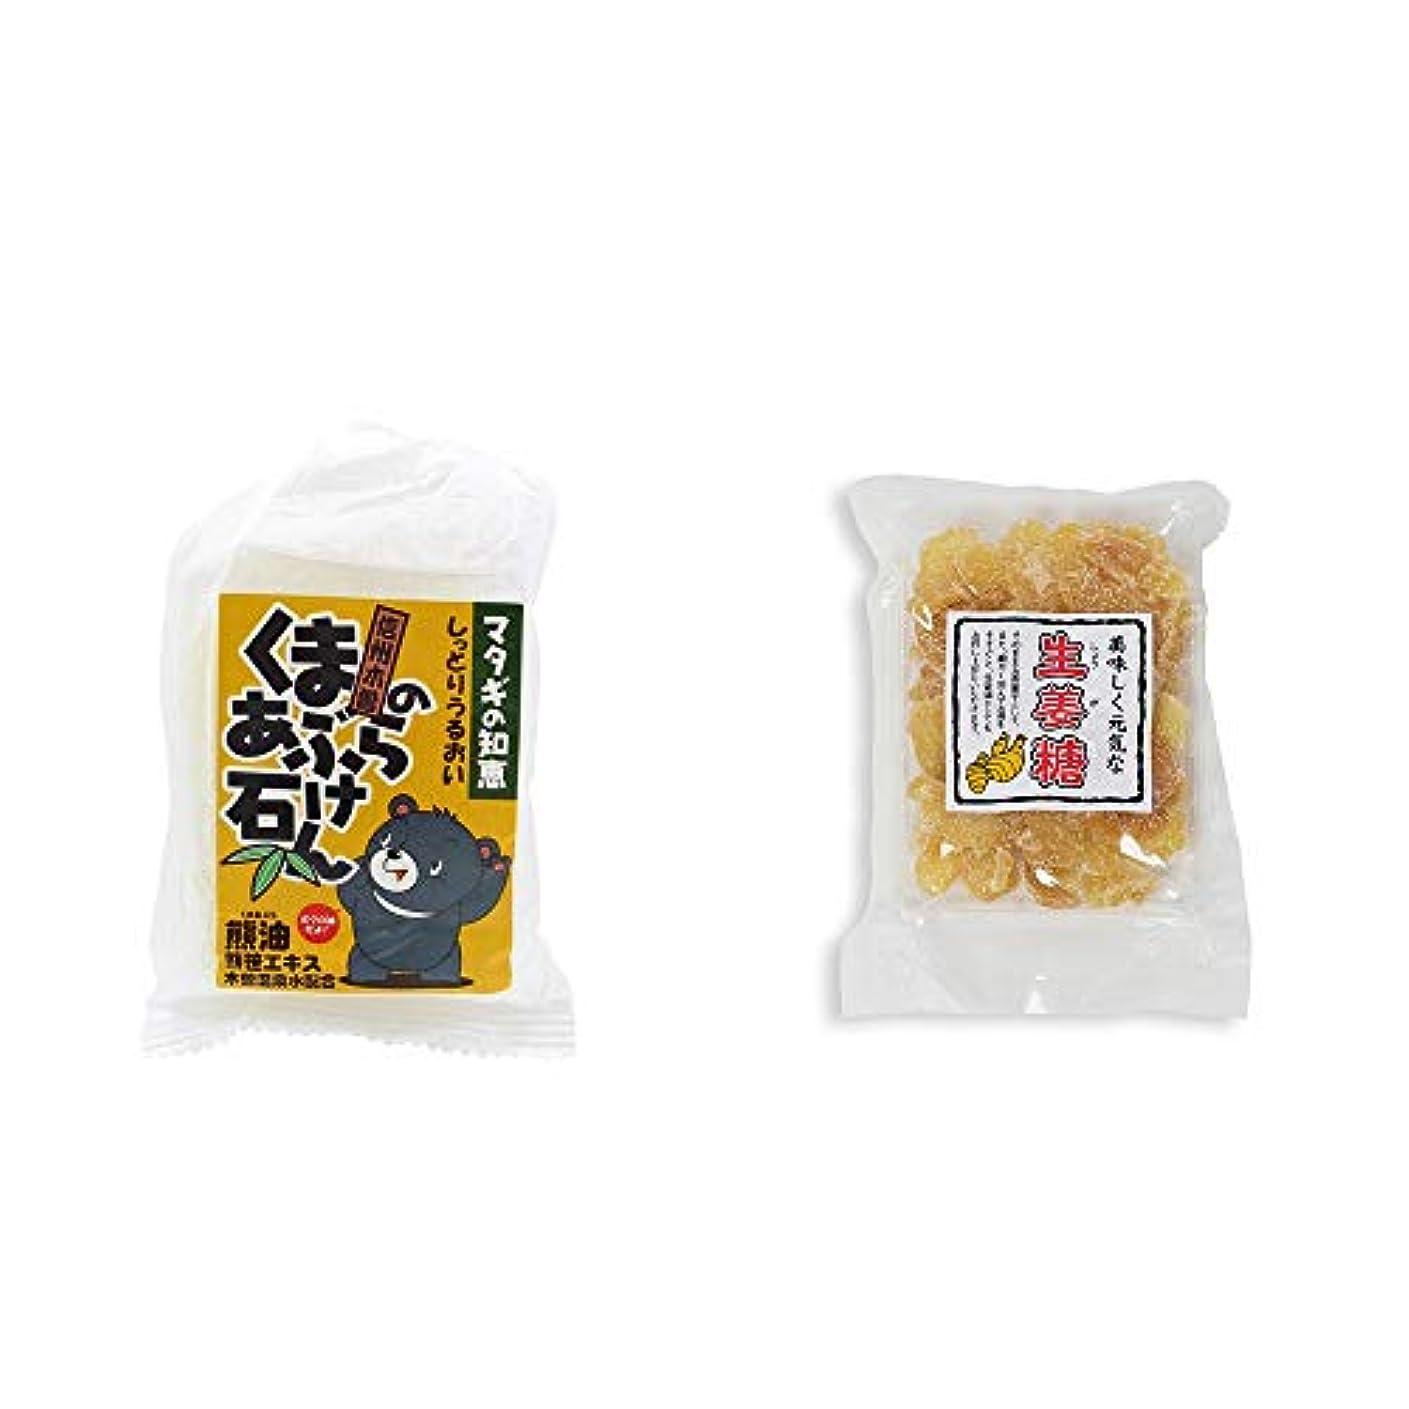 助けて分類台無しに[2点セット] 信州木曽 くまのあぶら石けん(80g)?生姜糖(230g)